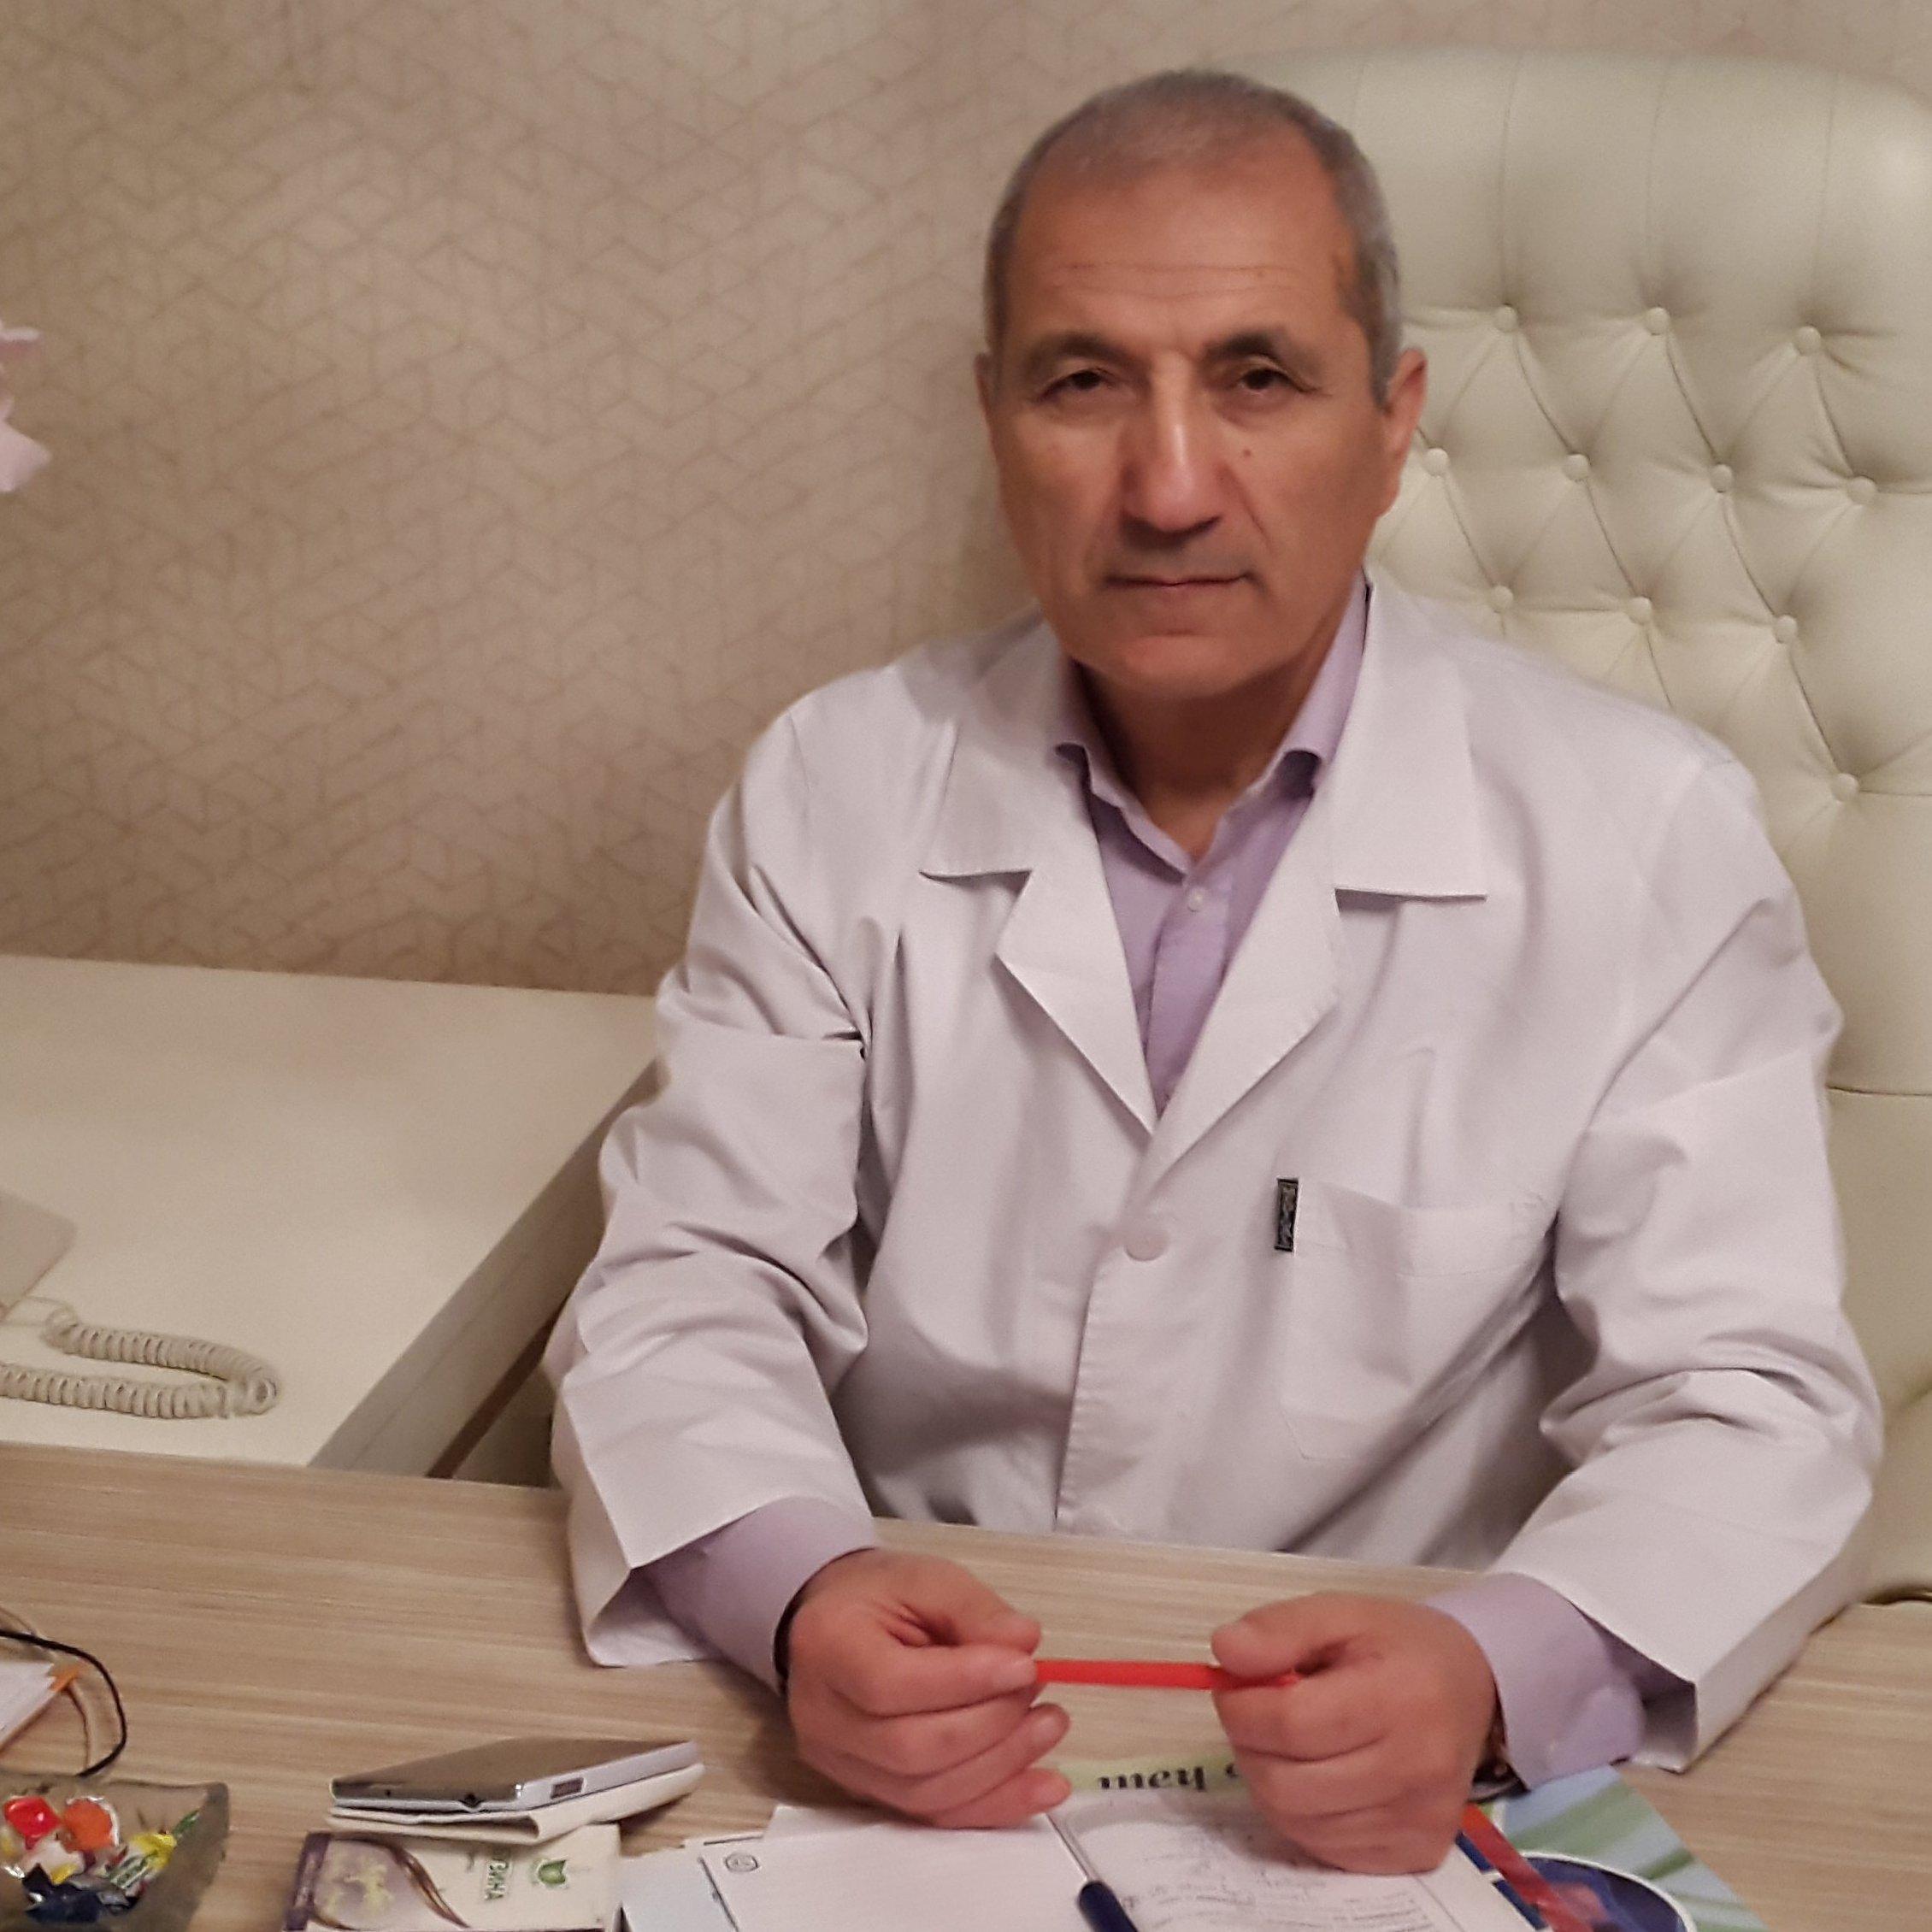 Paşa Rəcəbli Qastroenteroloq